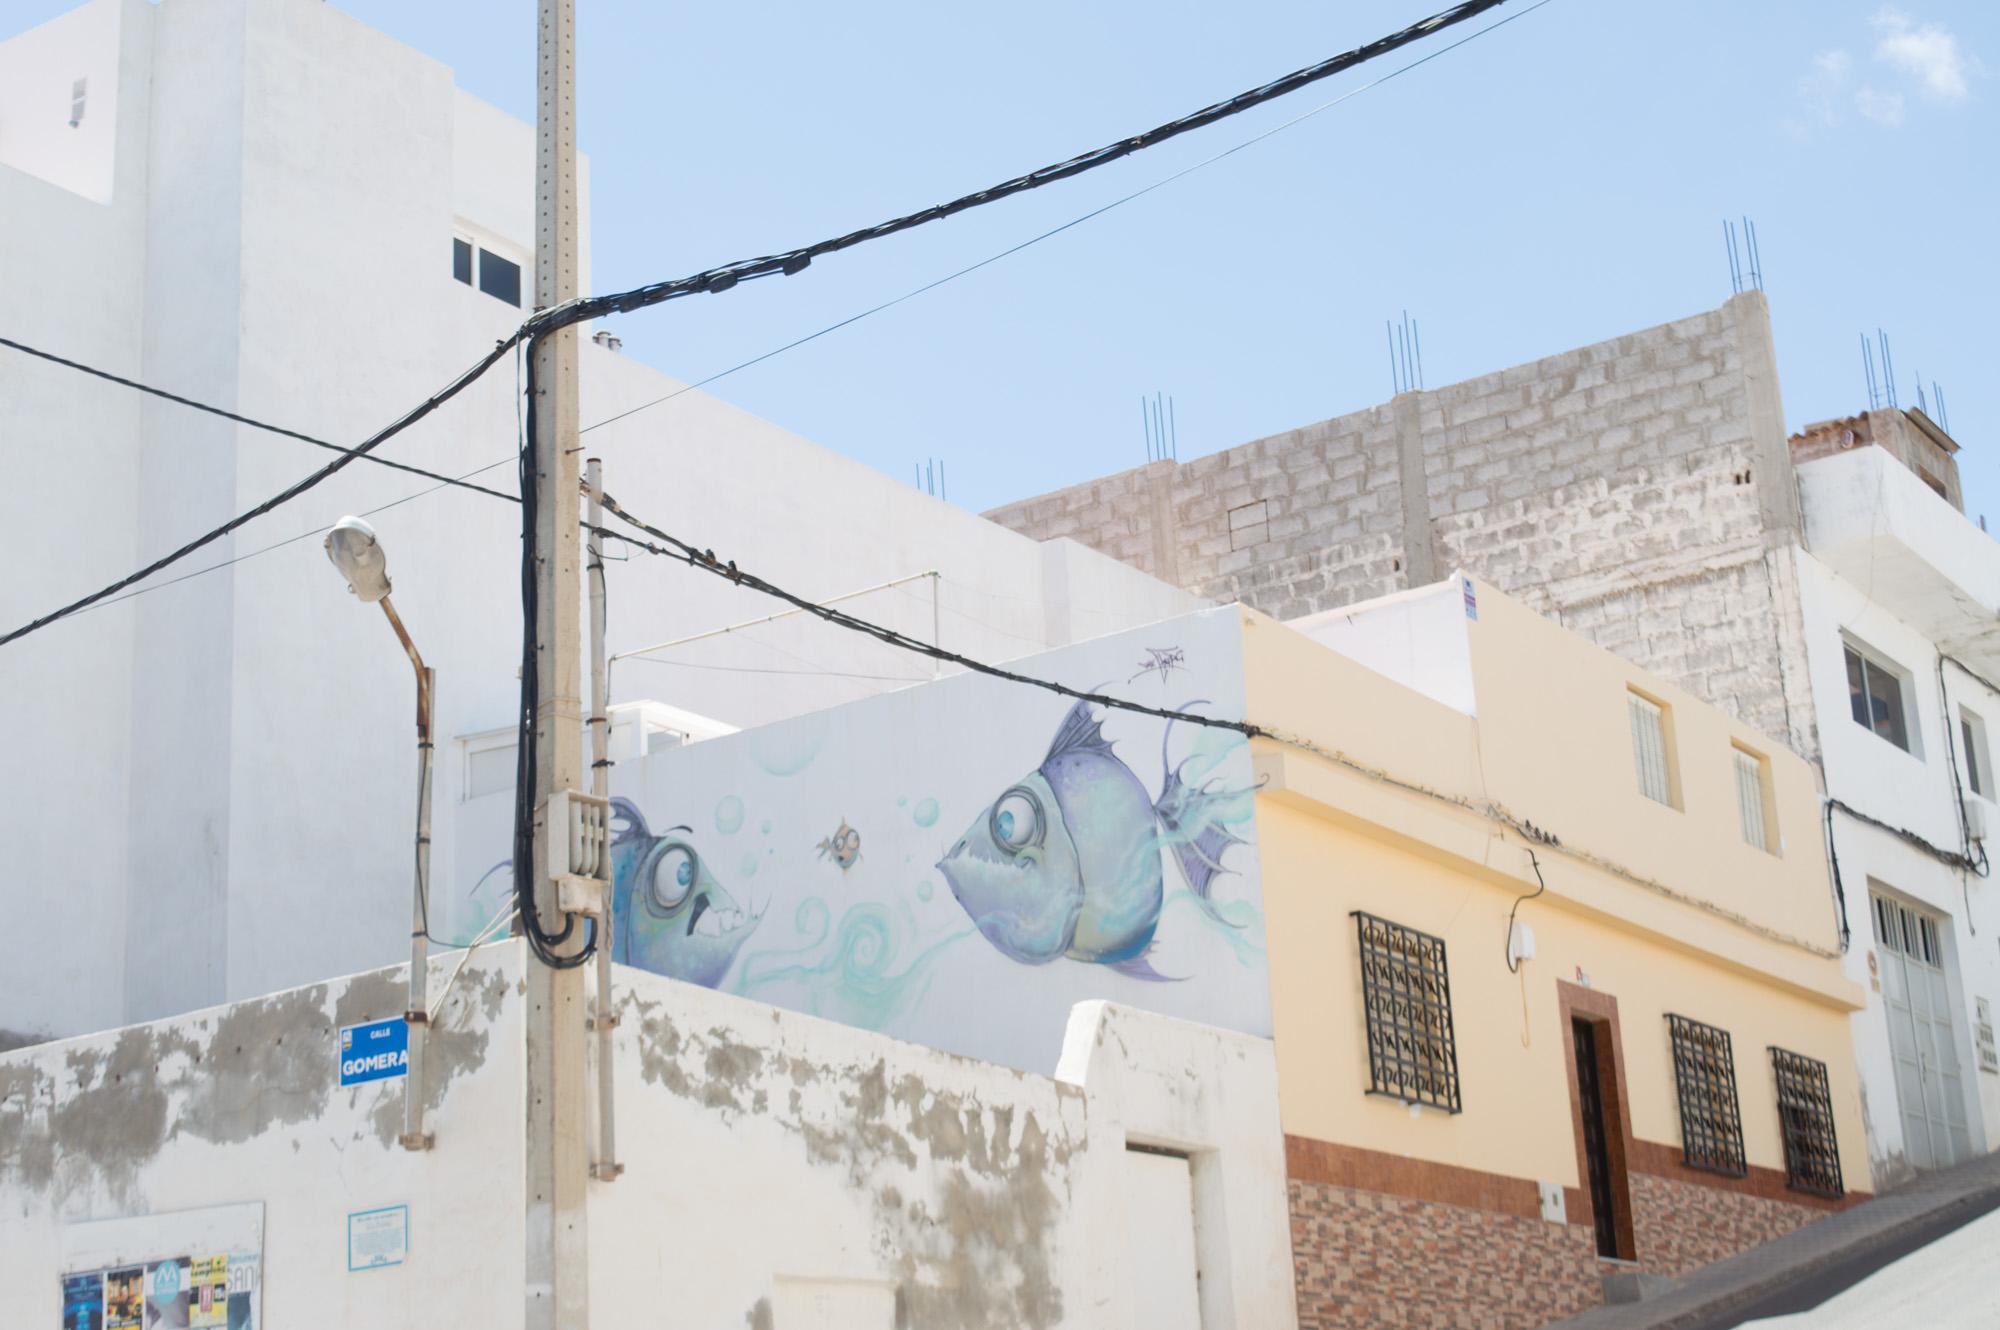 street art grand tajaral